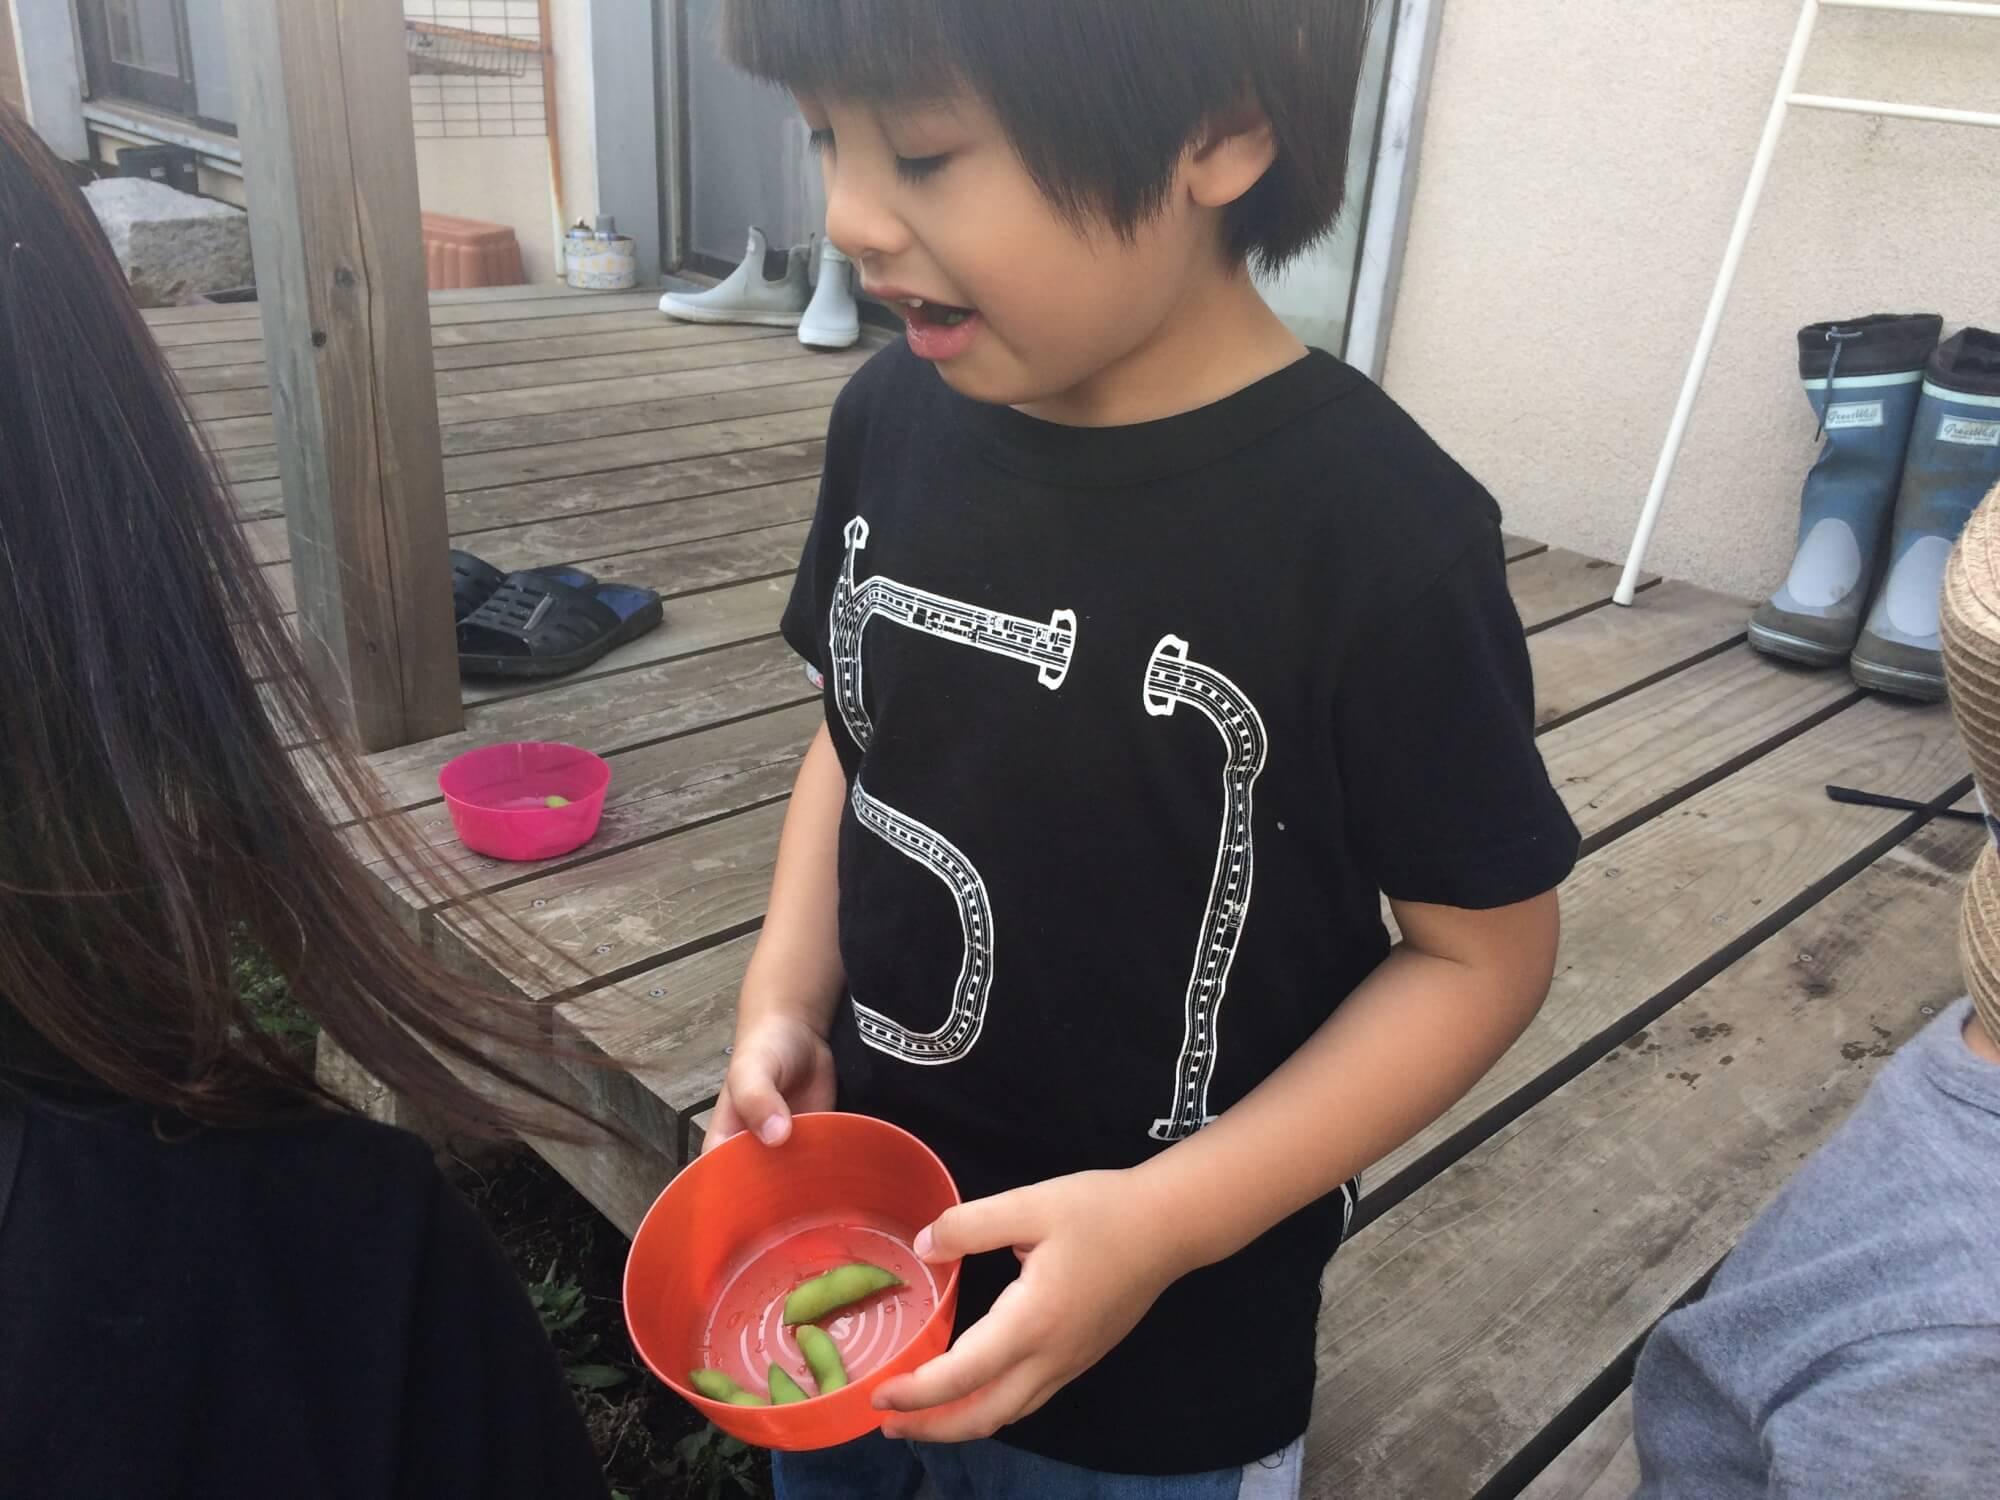 枝豆を口に入れてみた子ども